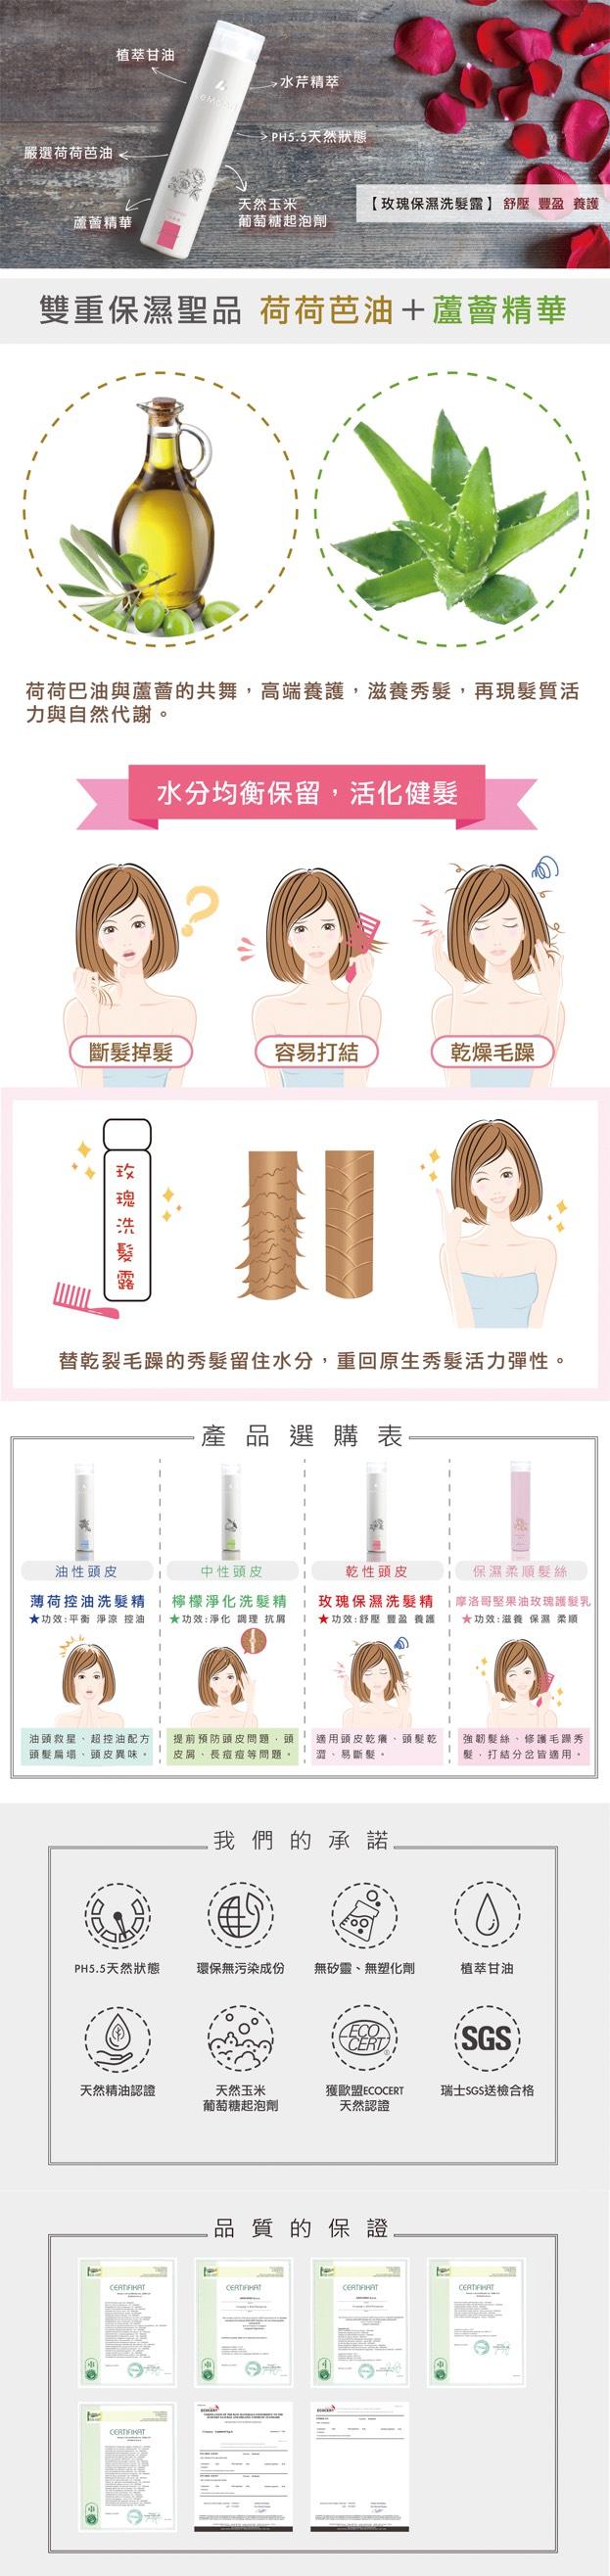 【LeMood】|精萃玫瑰保濕 洗髮露  (保濕養護系列) - 300 ml